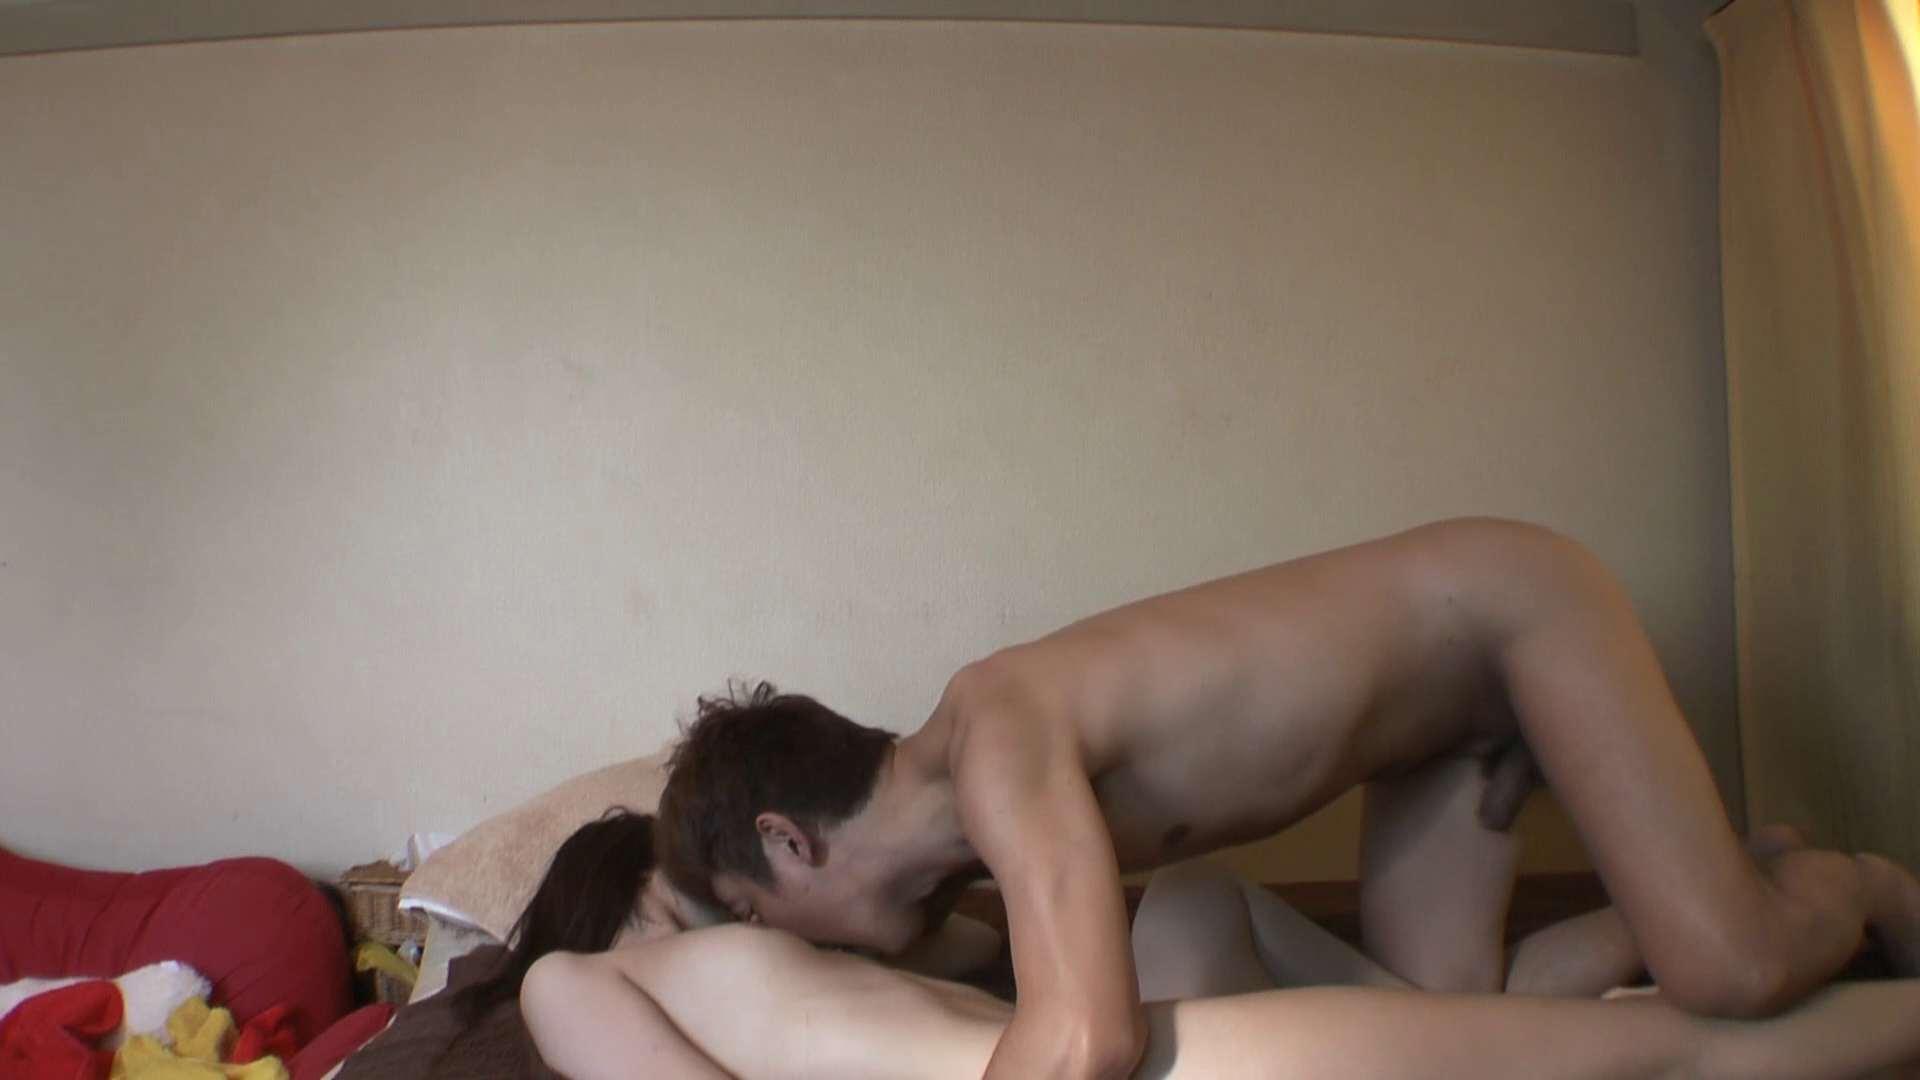 隠撮店の女の子をつまみ喰い~yukivol.4 隠撮 | OL裸体  107画像 99